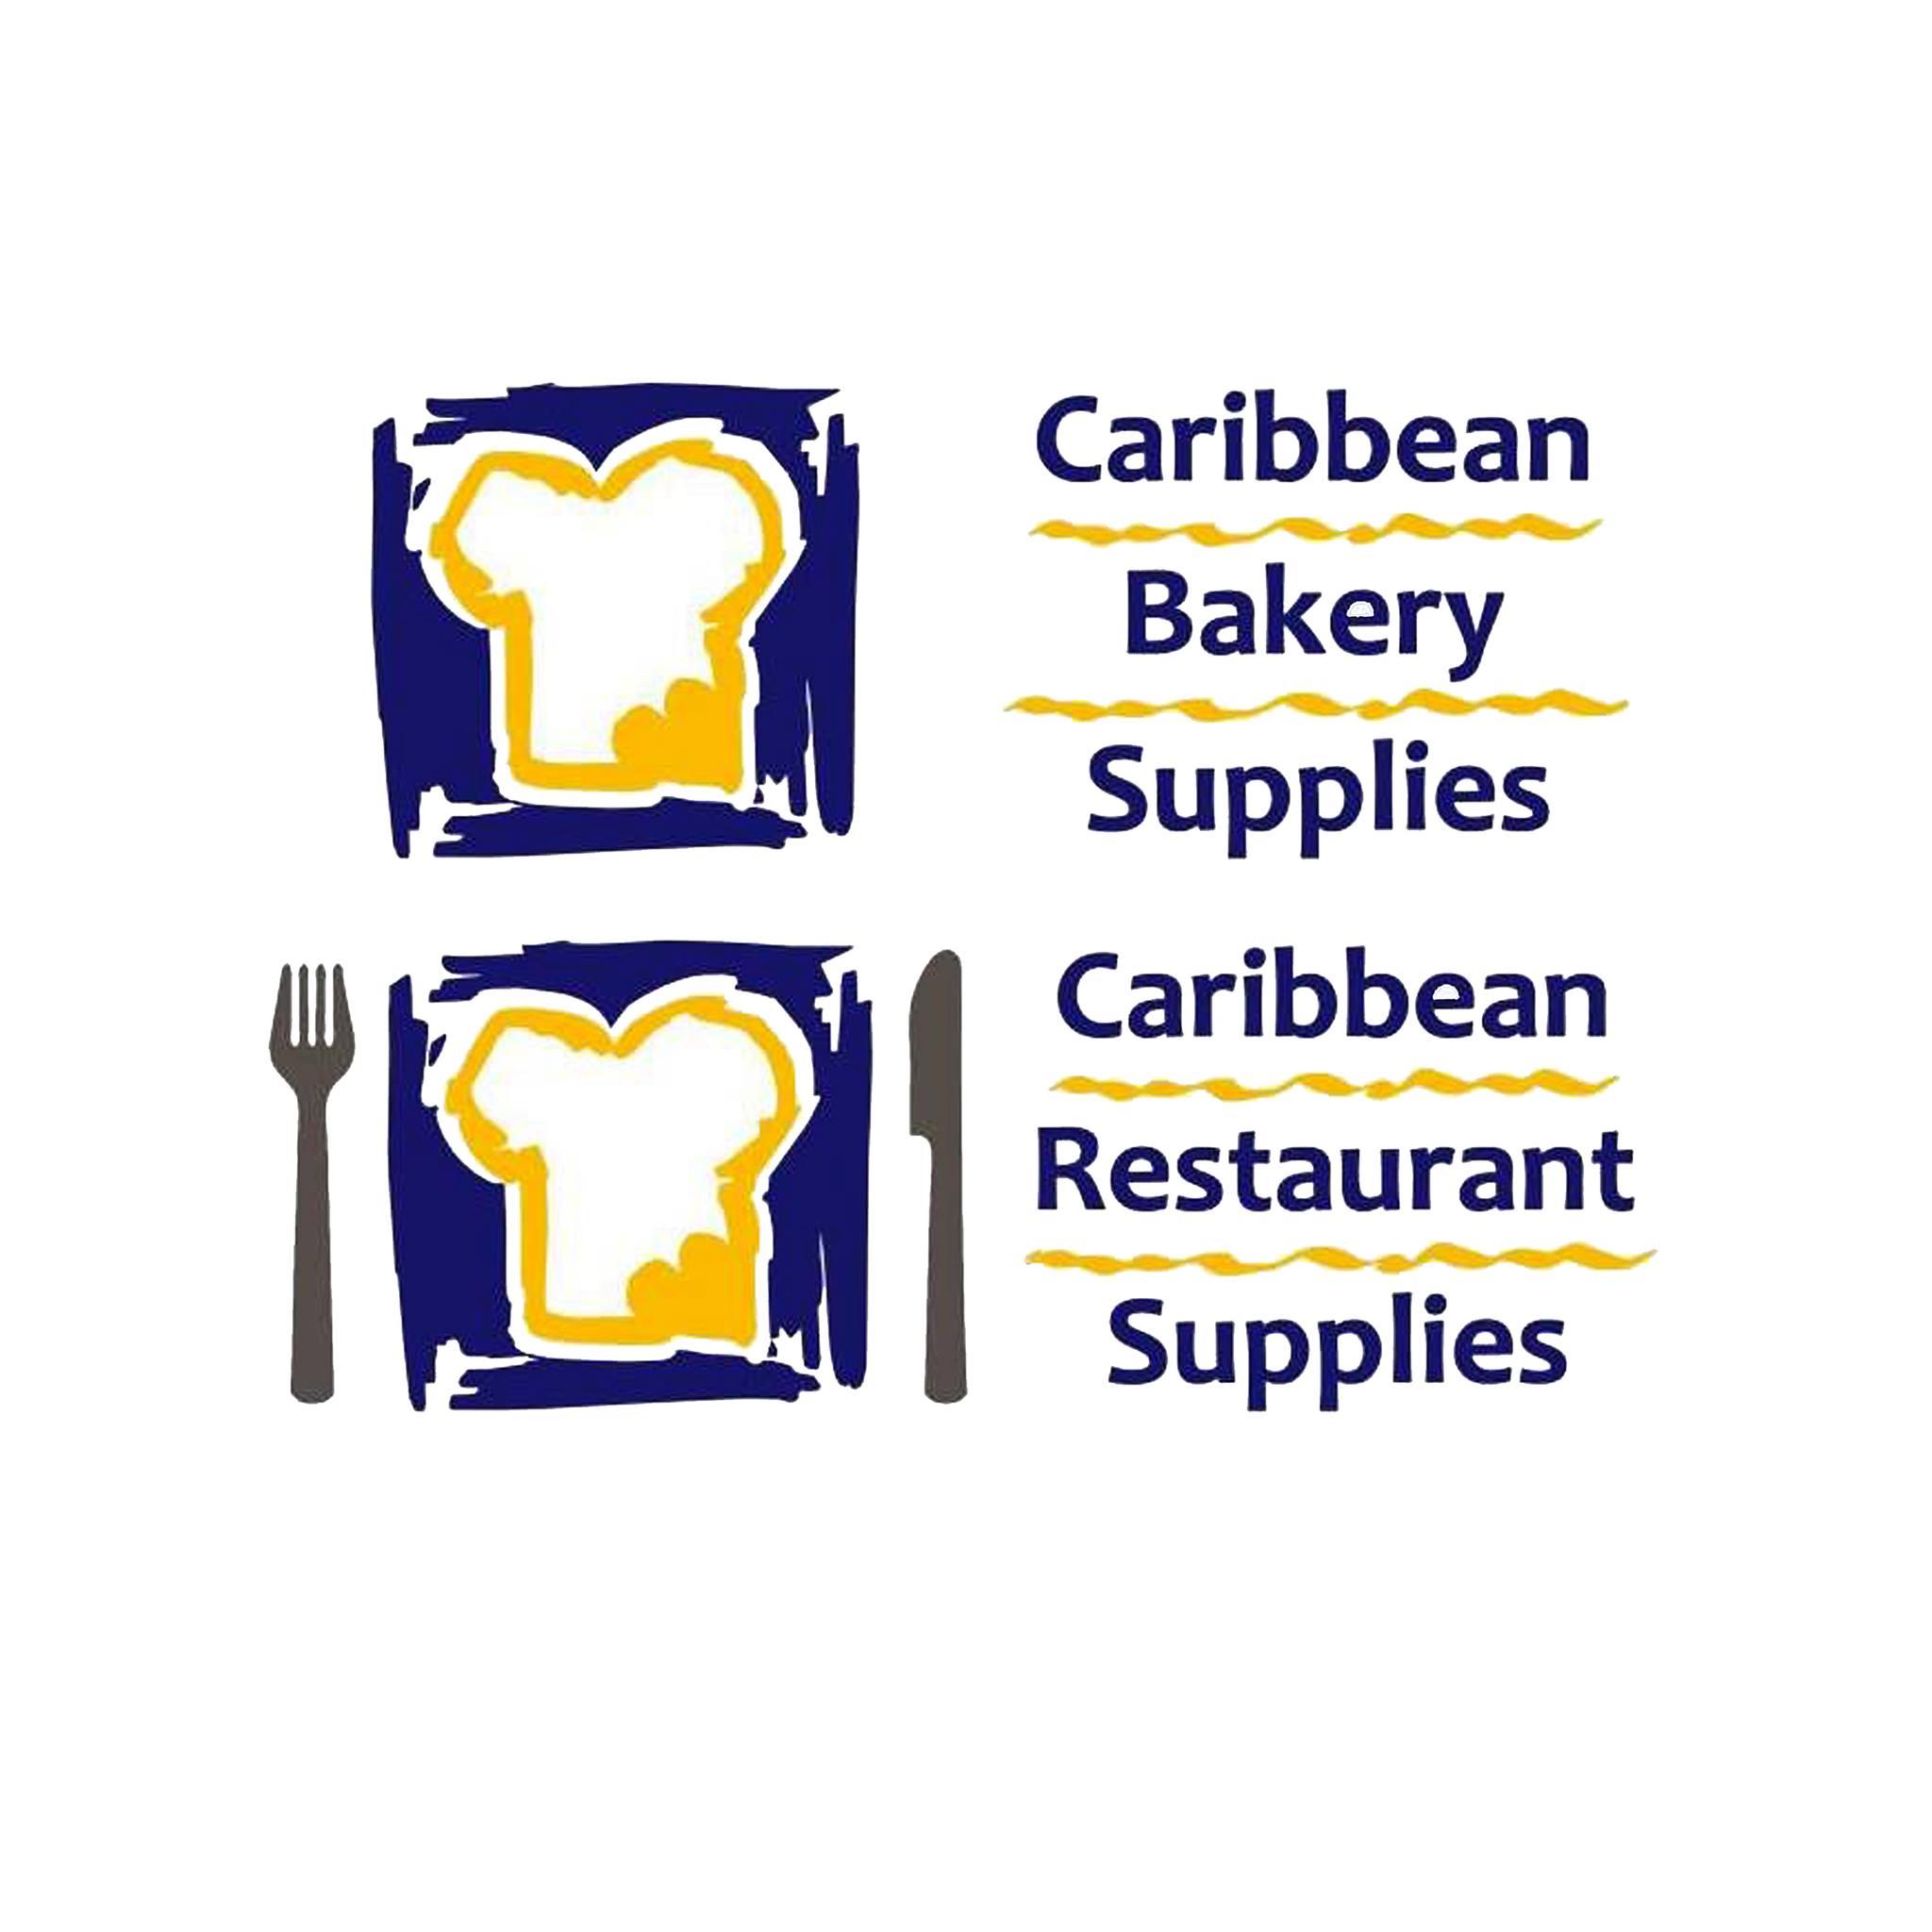 Caribbean Bakery Supply